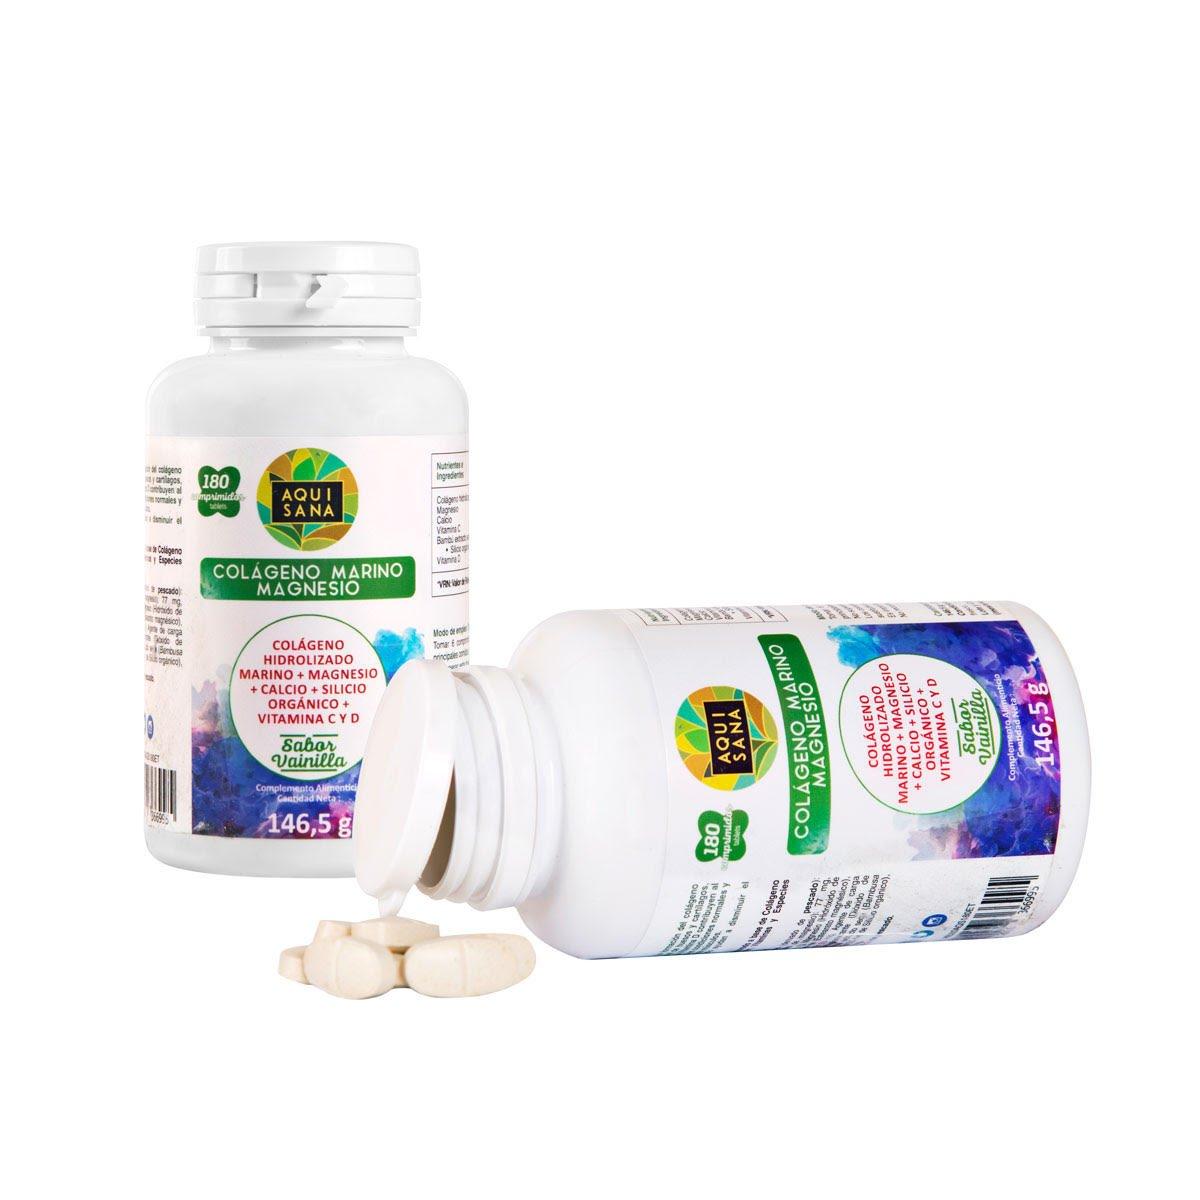 Colágeno hidrolizado con magnesio y calcio para el cuidado de huesos y articulaciones - Colágeno marino con vitaminas C y D para reforzar nuestras defensas ...